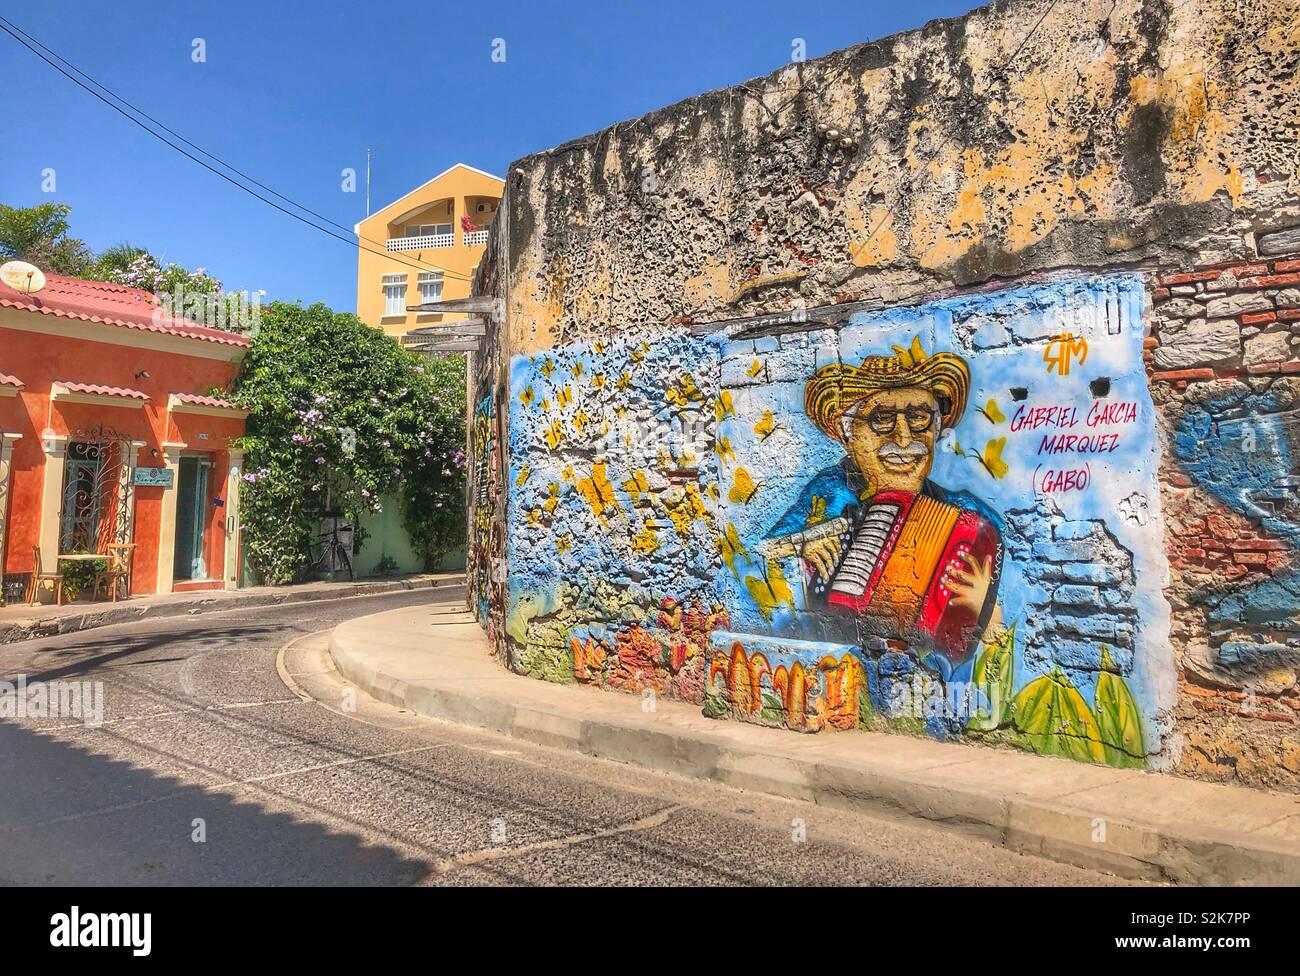 Arte callejero urbano en el barrio Getsemani en Cartagena, Colombia. Foto de stock